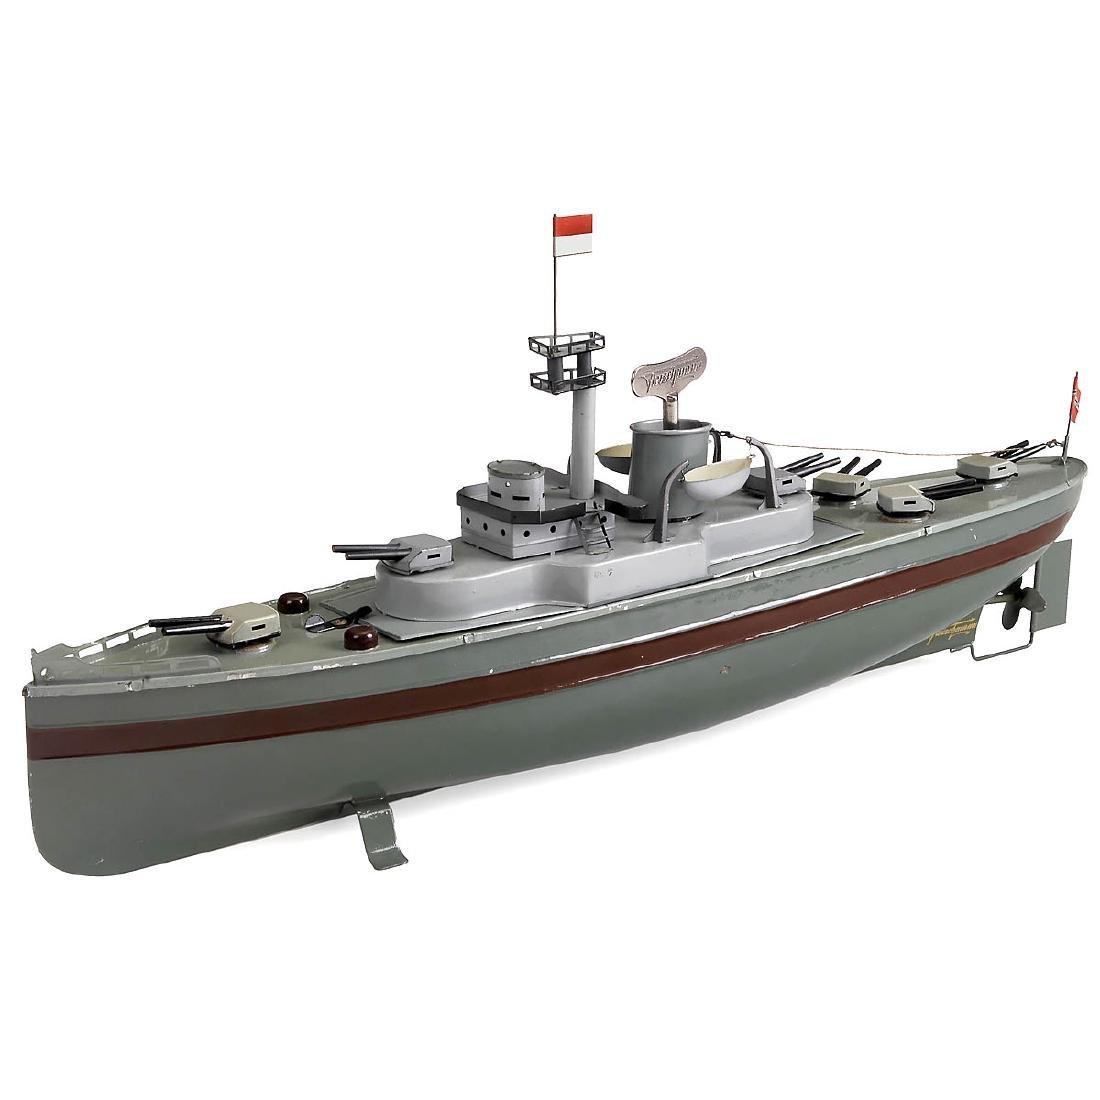 Fleischmann No. 527 Battle Cruiser, 1936